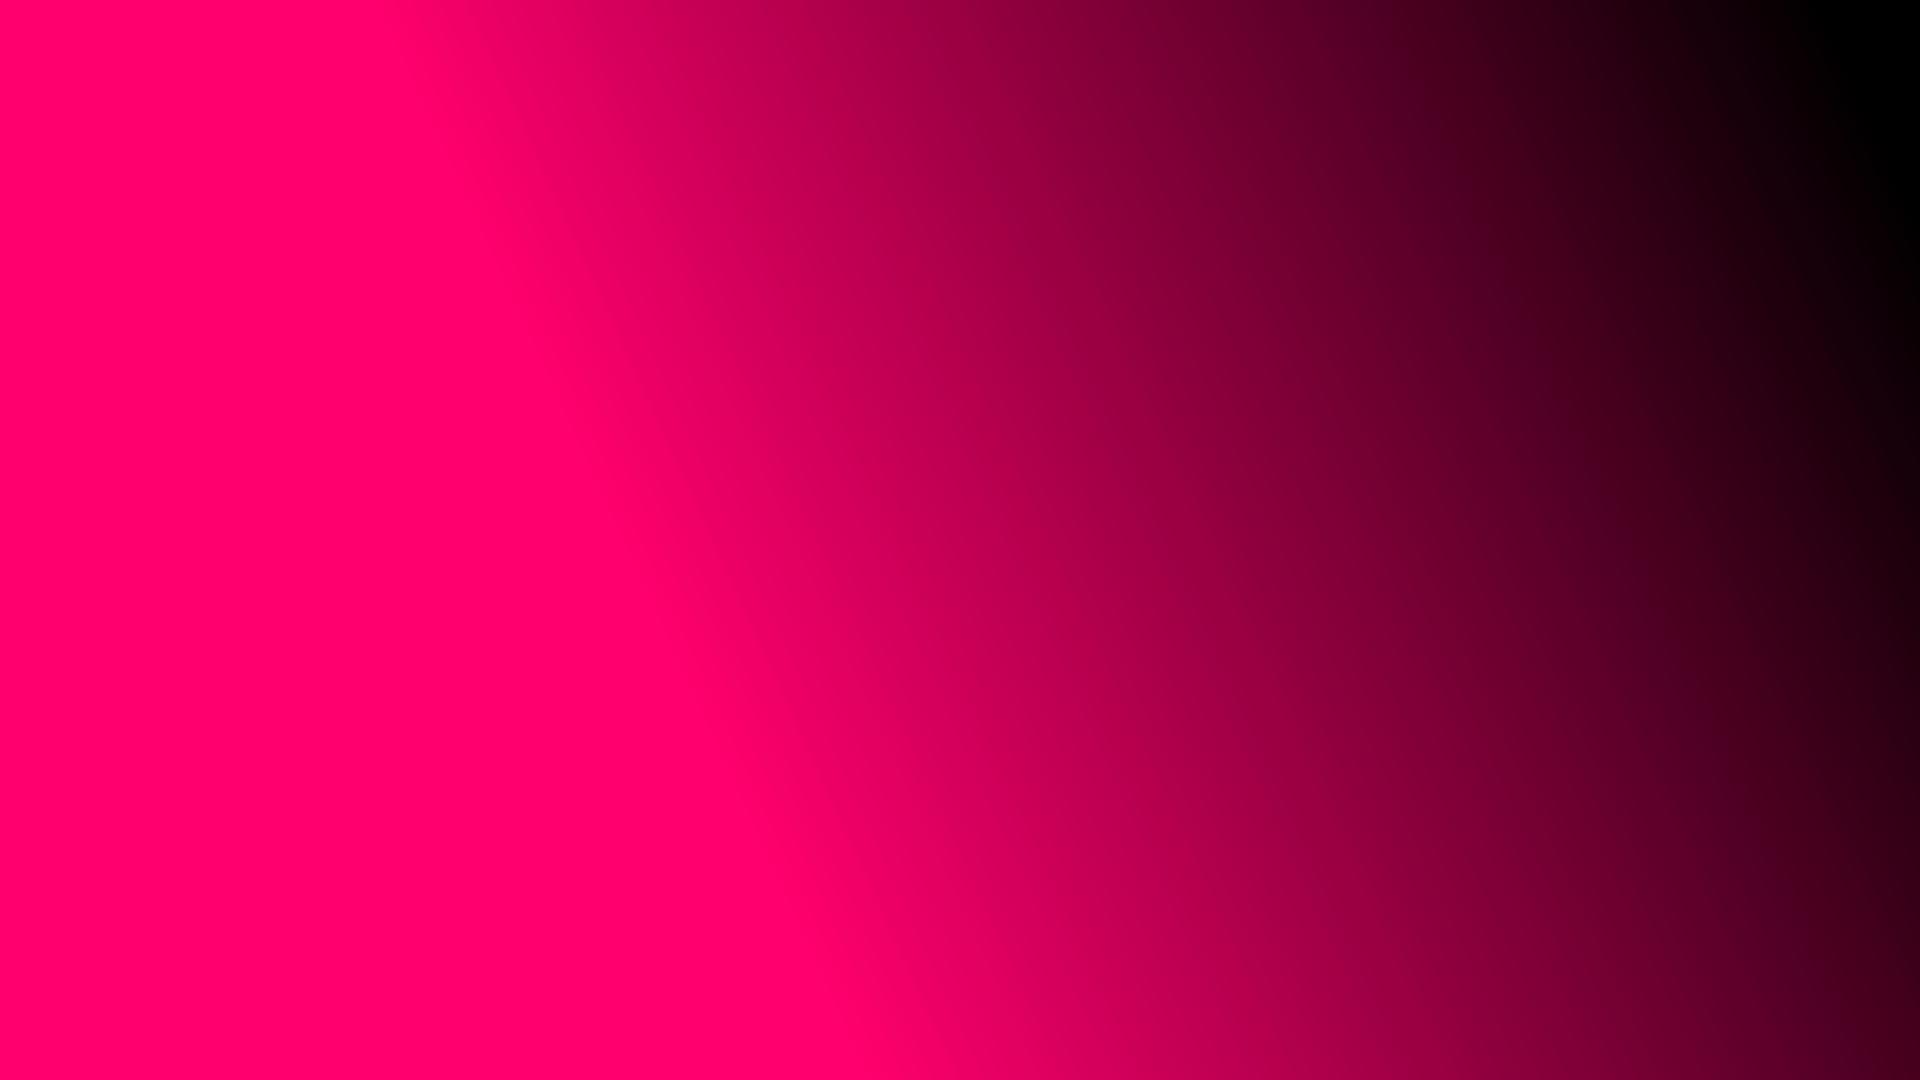 wallpaper desktop gradient pink black backgorund 1920x1080